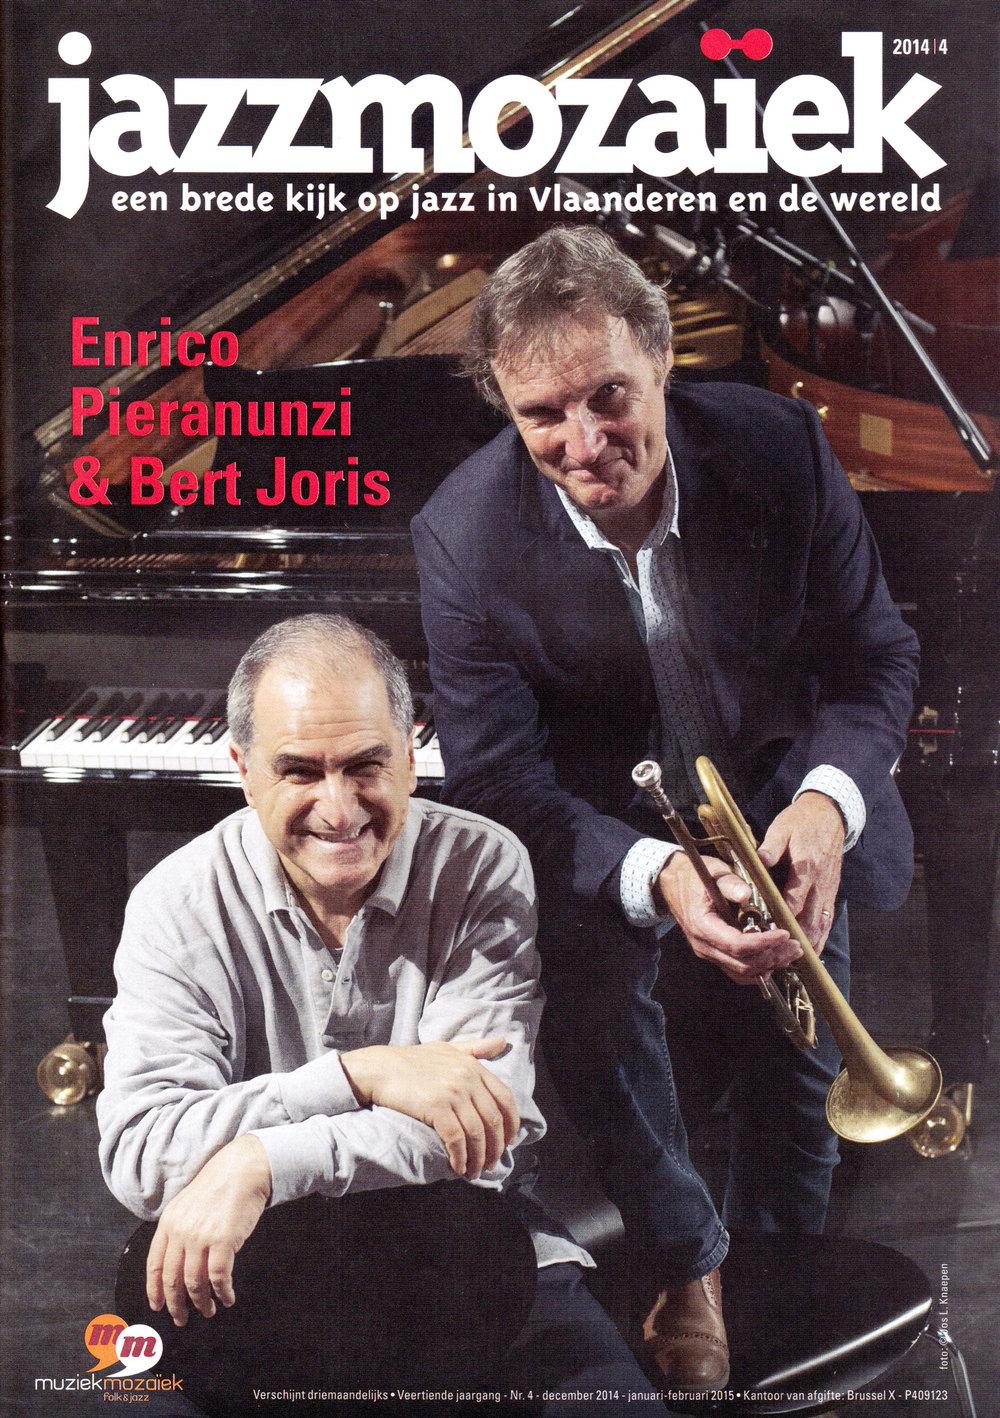 Enrico-Pieranunzi-Bert-Joris-rivista-JAZZMOZAIEK WEB.jpg